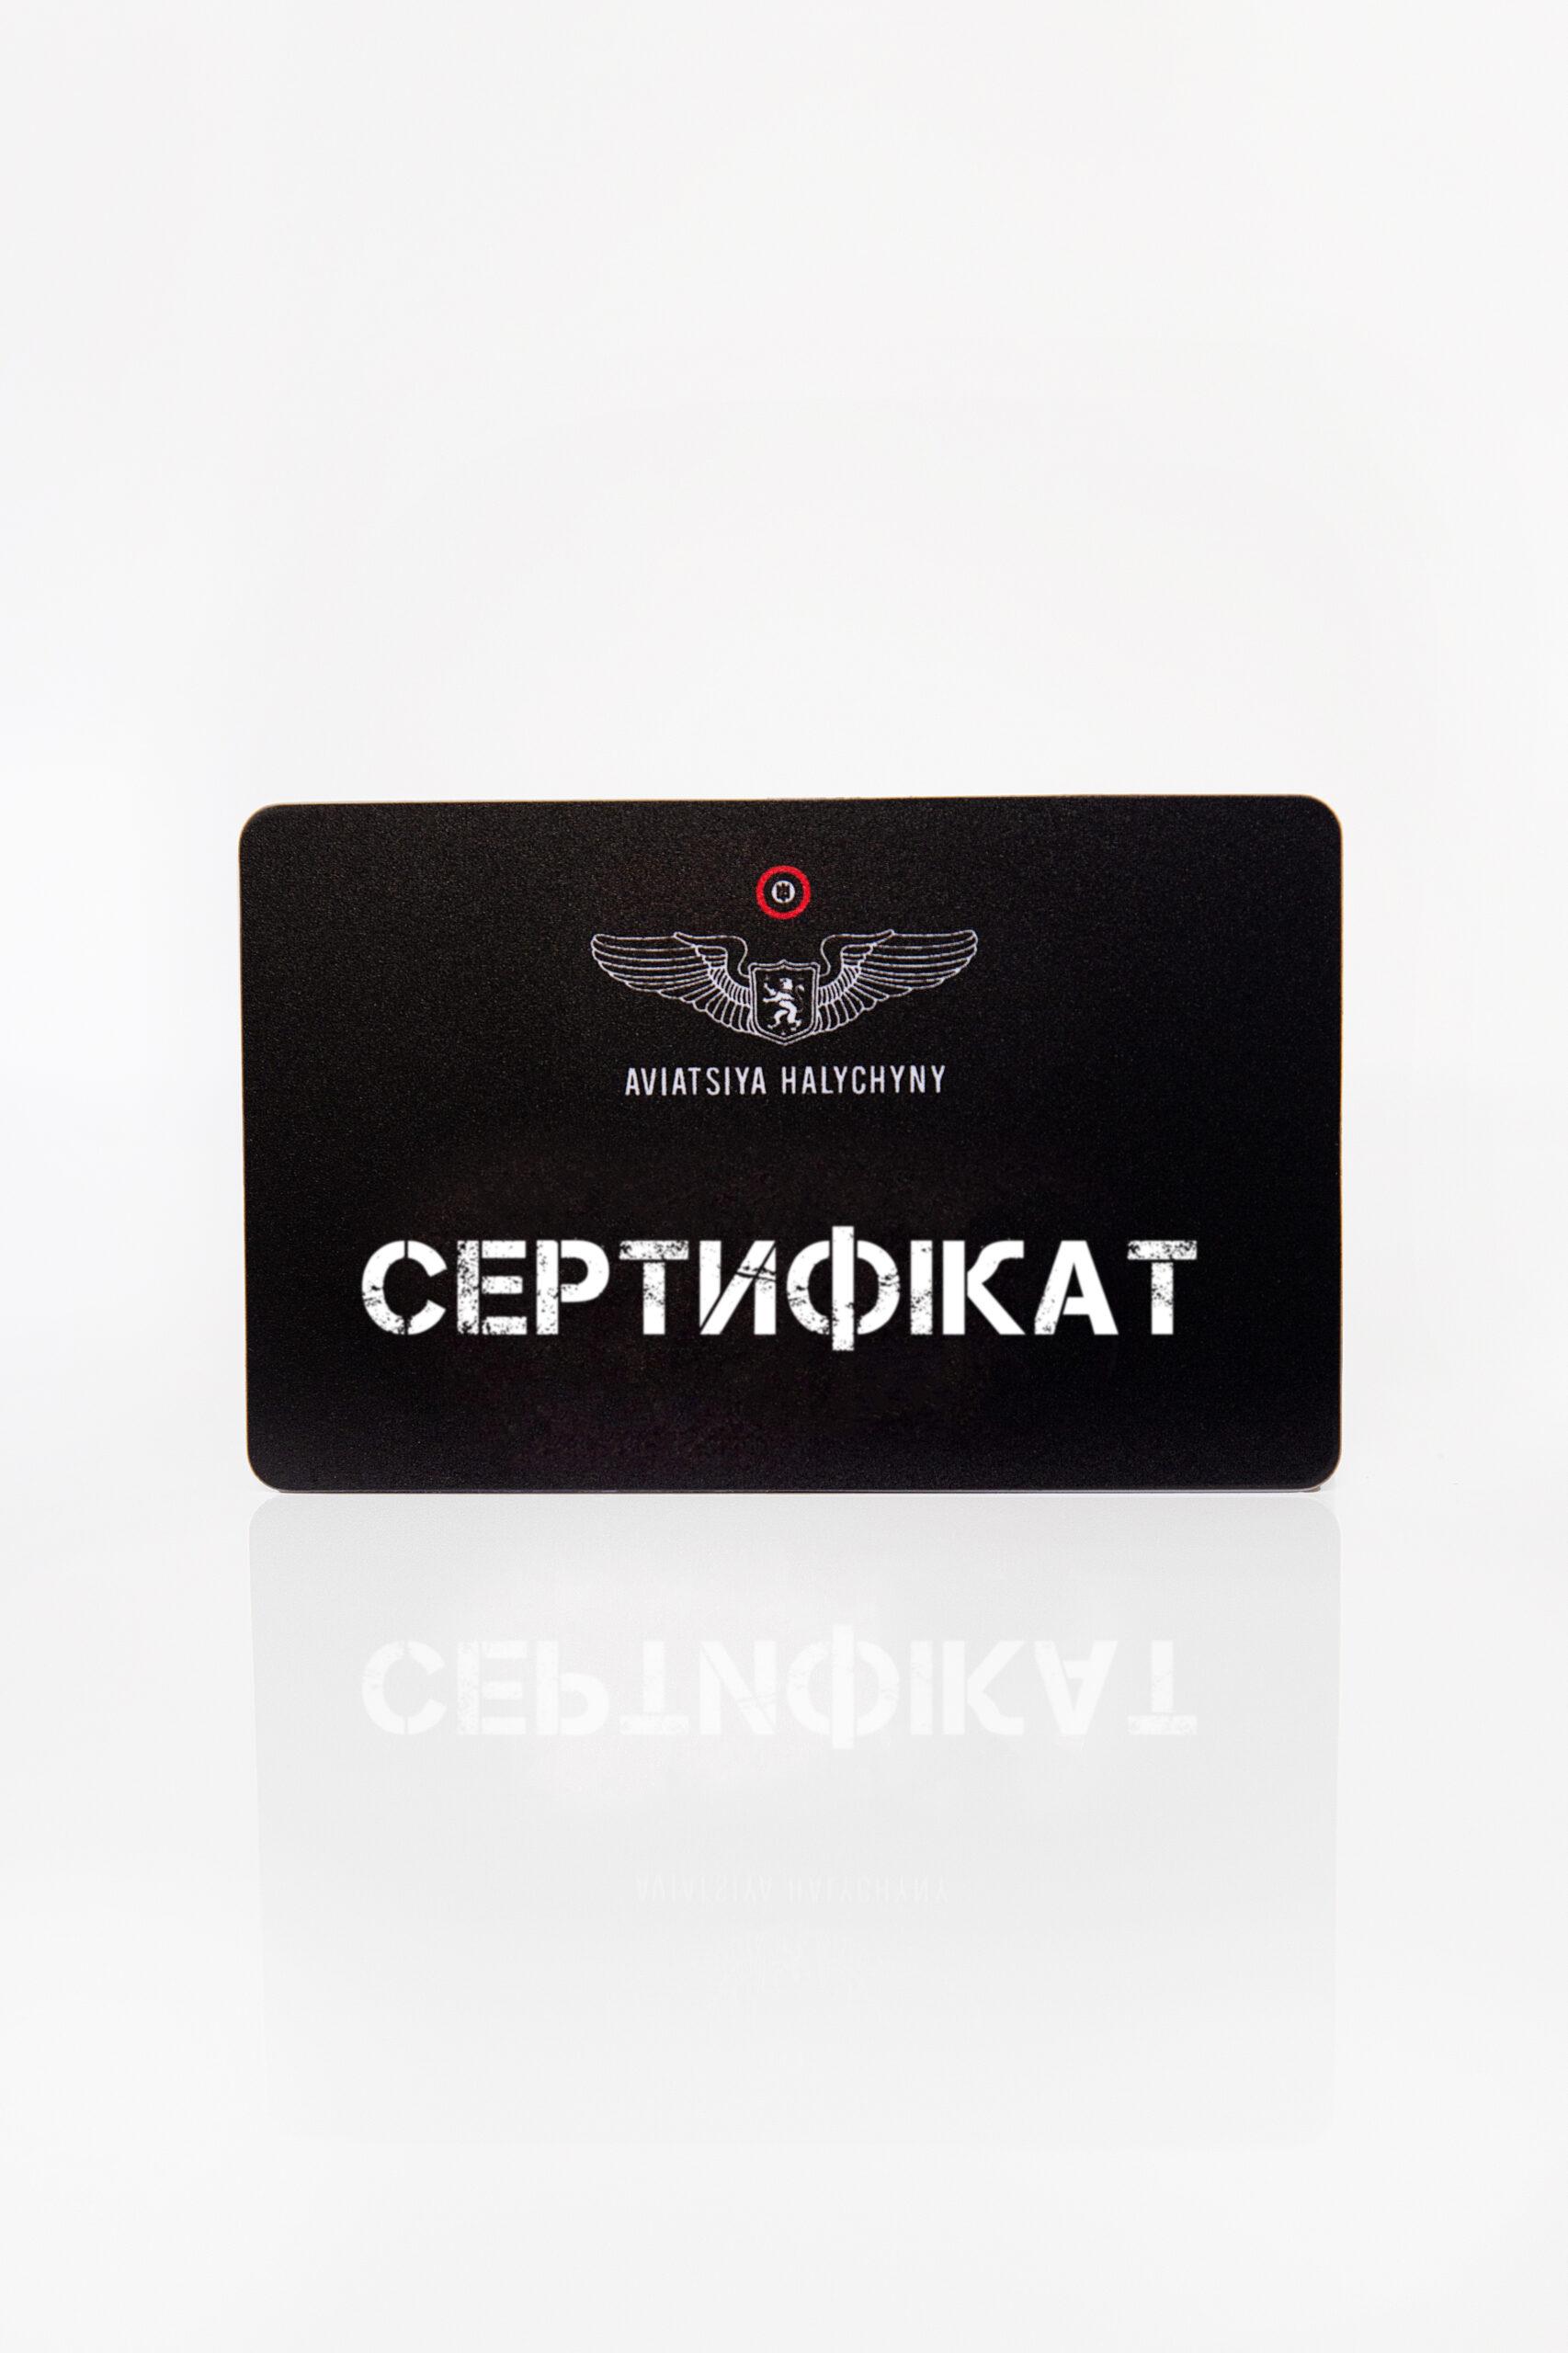 Подарунковий Сертифікат. Колір чорний. Кожен сертифікат має унікальний код, який активується на пів рокуз моменту купівлі.